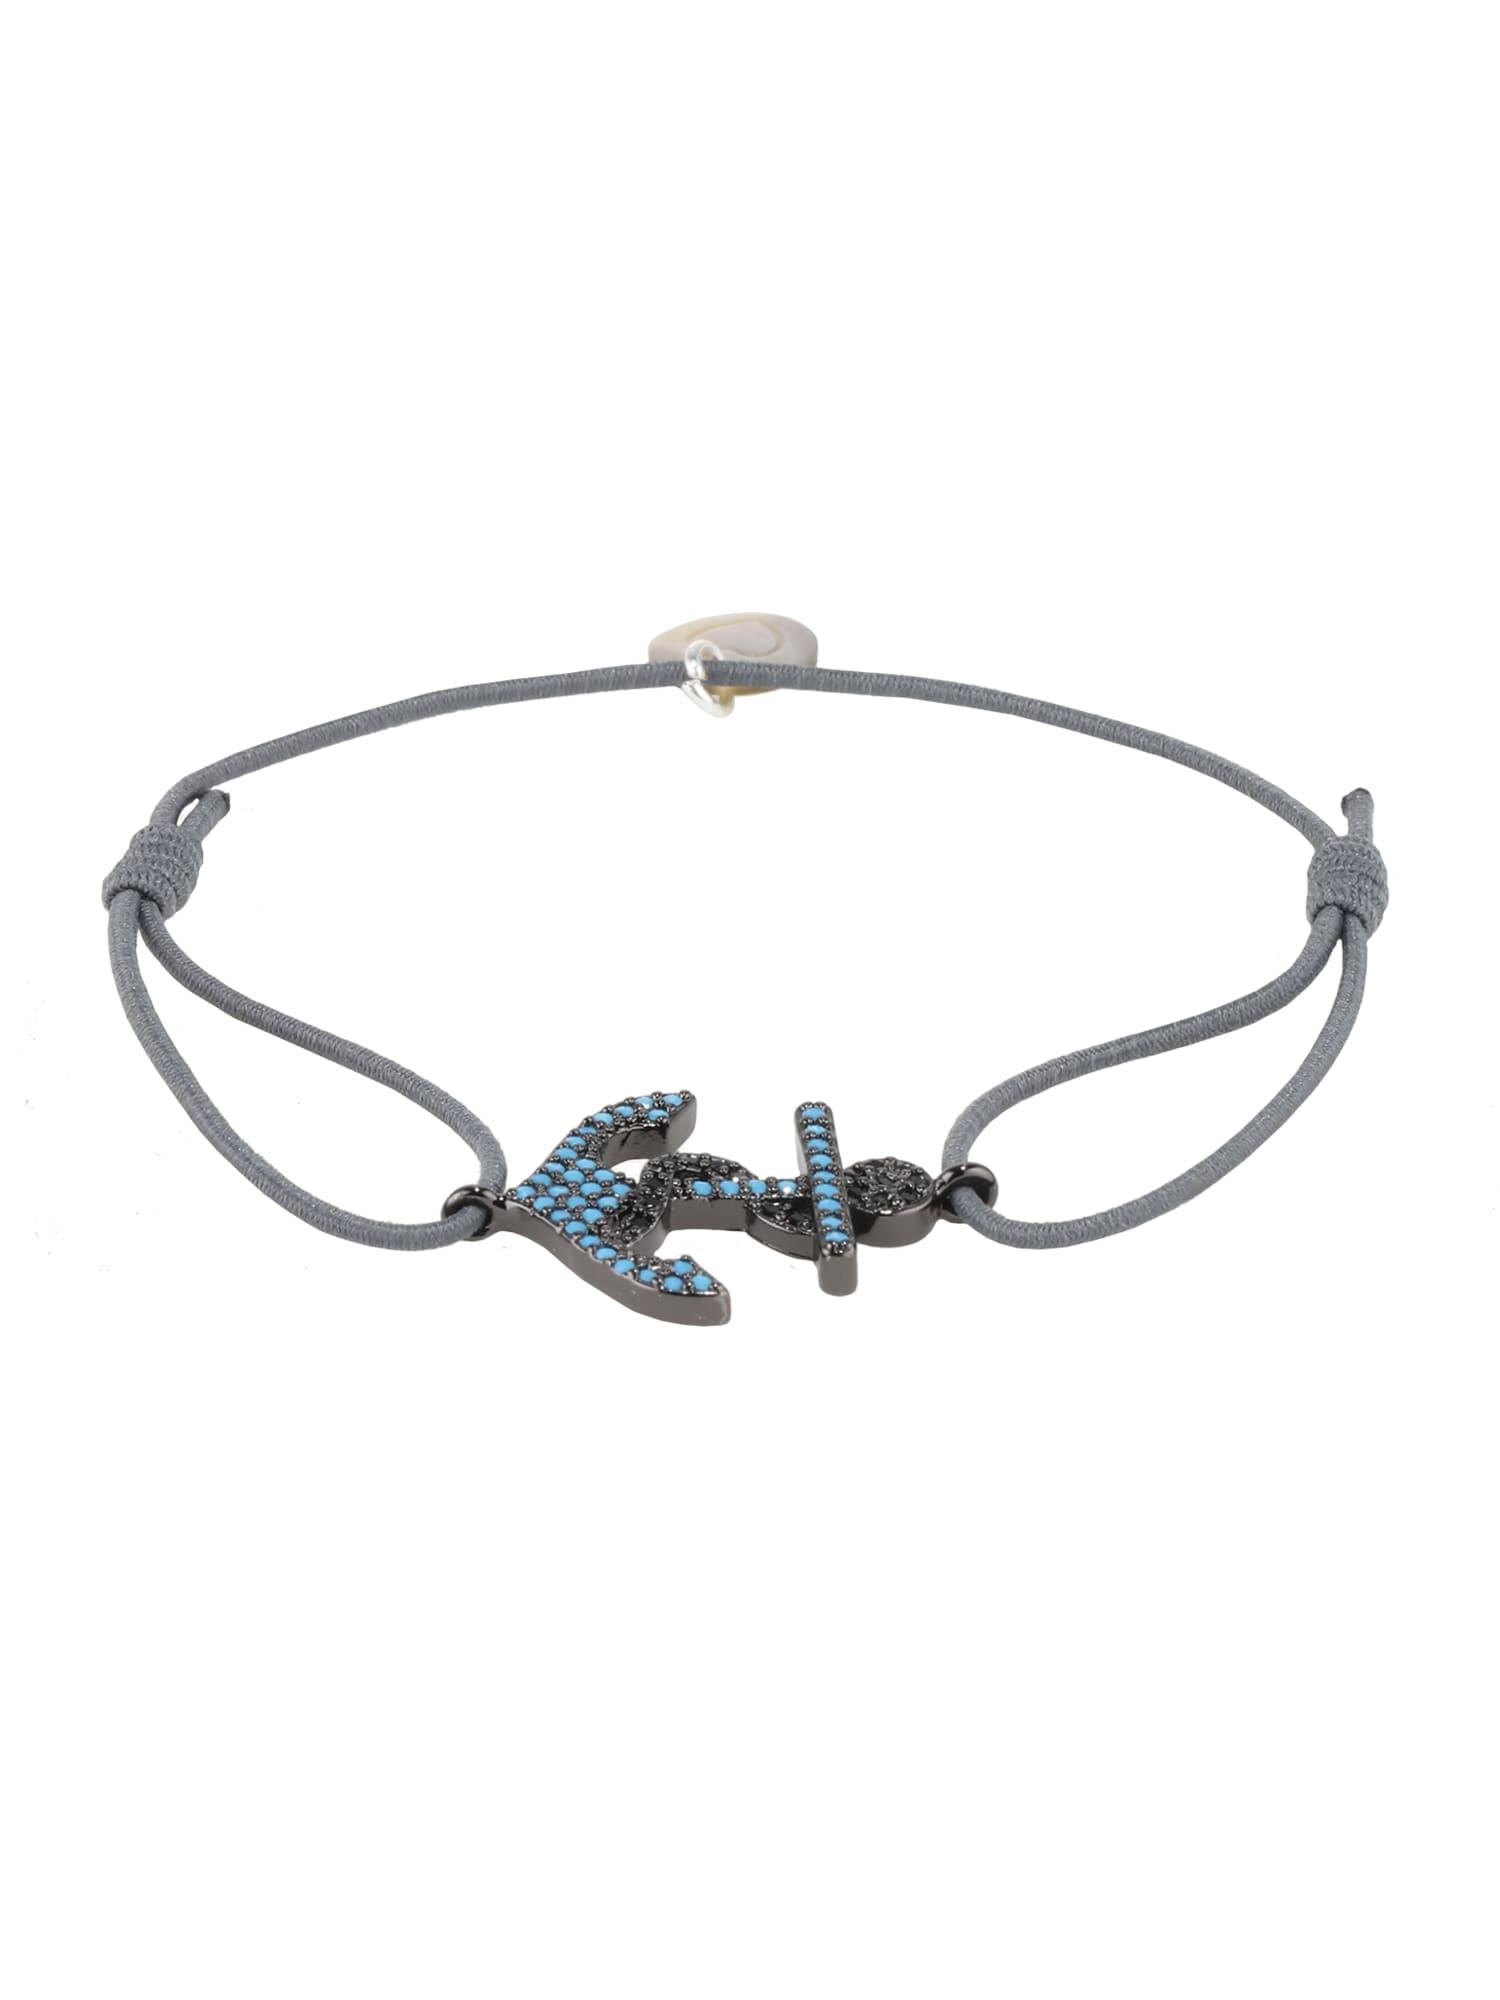 Náramek Anchor Armband šedá Lua Accessories